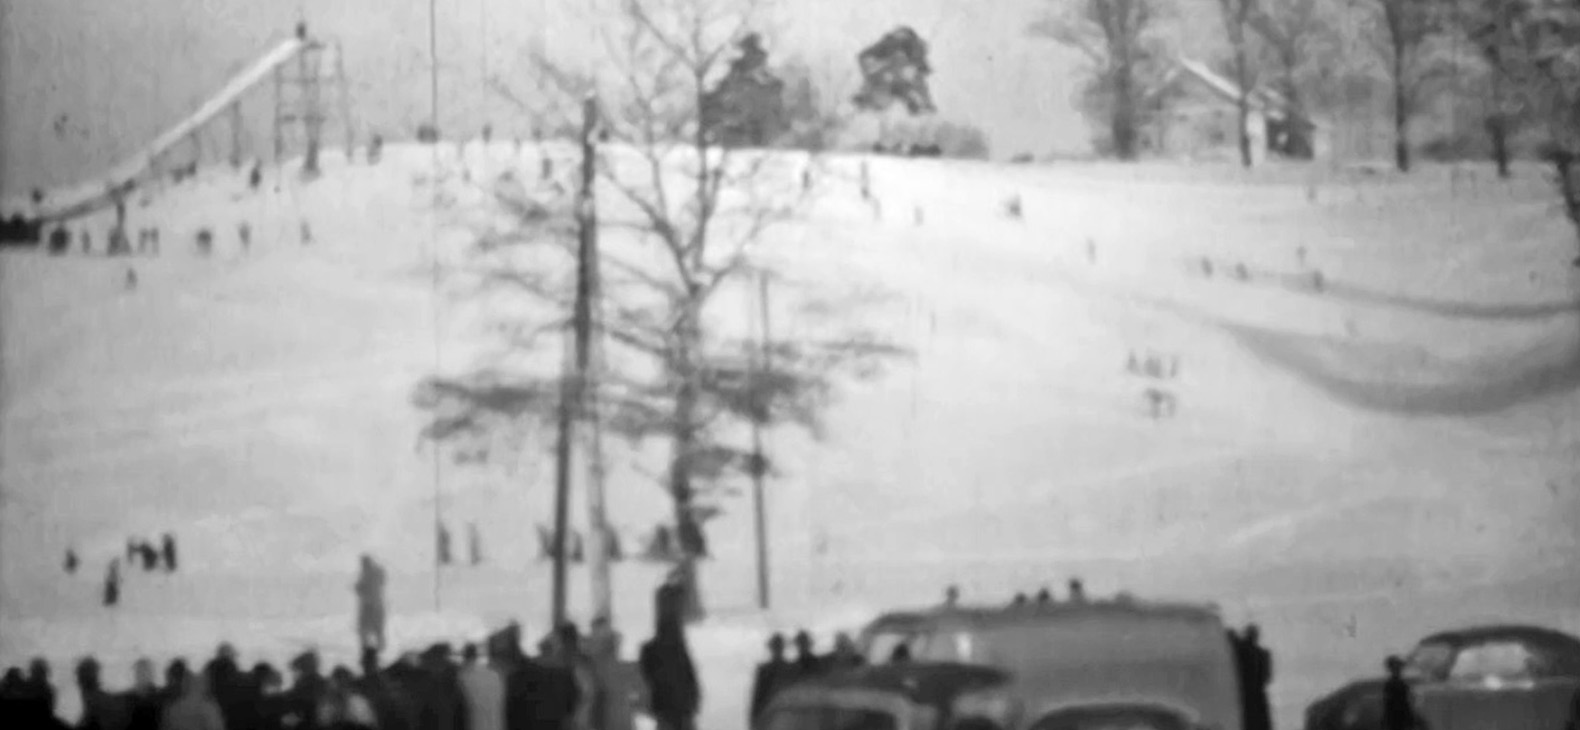 """34 Meter, Alexis Dworsky, Video, 3'30"""", 2013 8mmFilm, S/W, digital rekonstruiert,2:45 min, Aufnahmezeitpunkt unbekannt, vermutlich 1950er Jahre"""